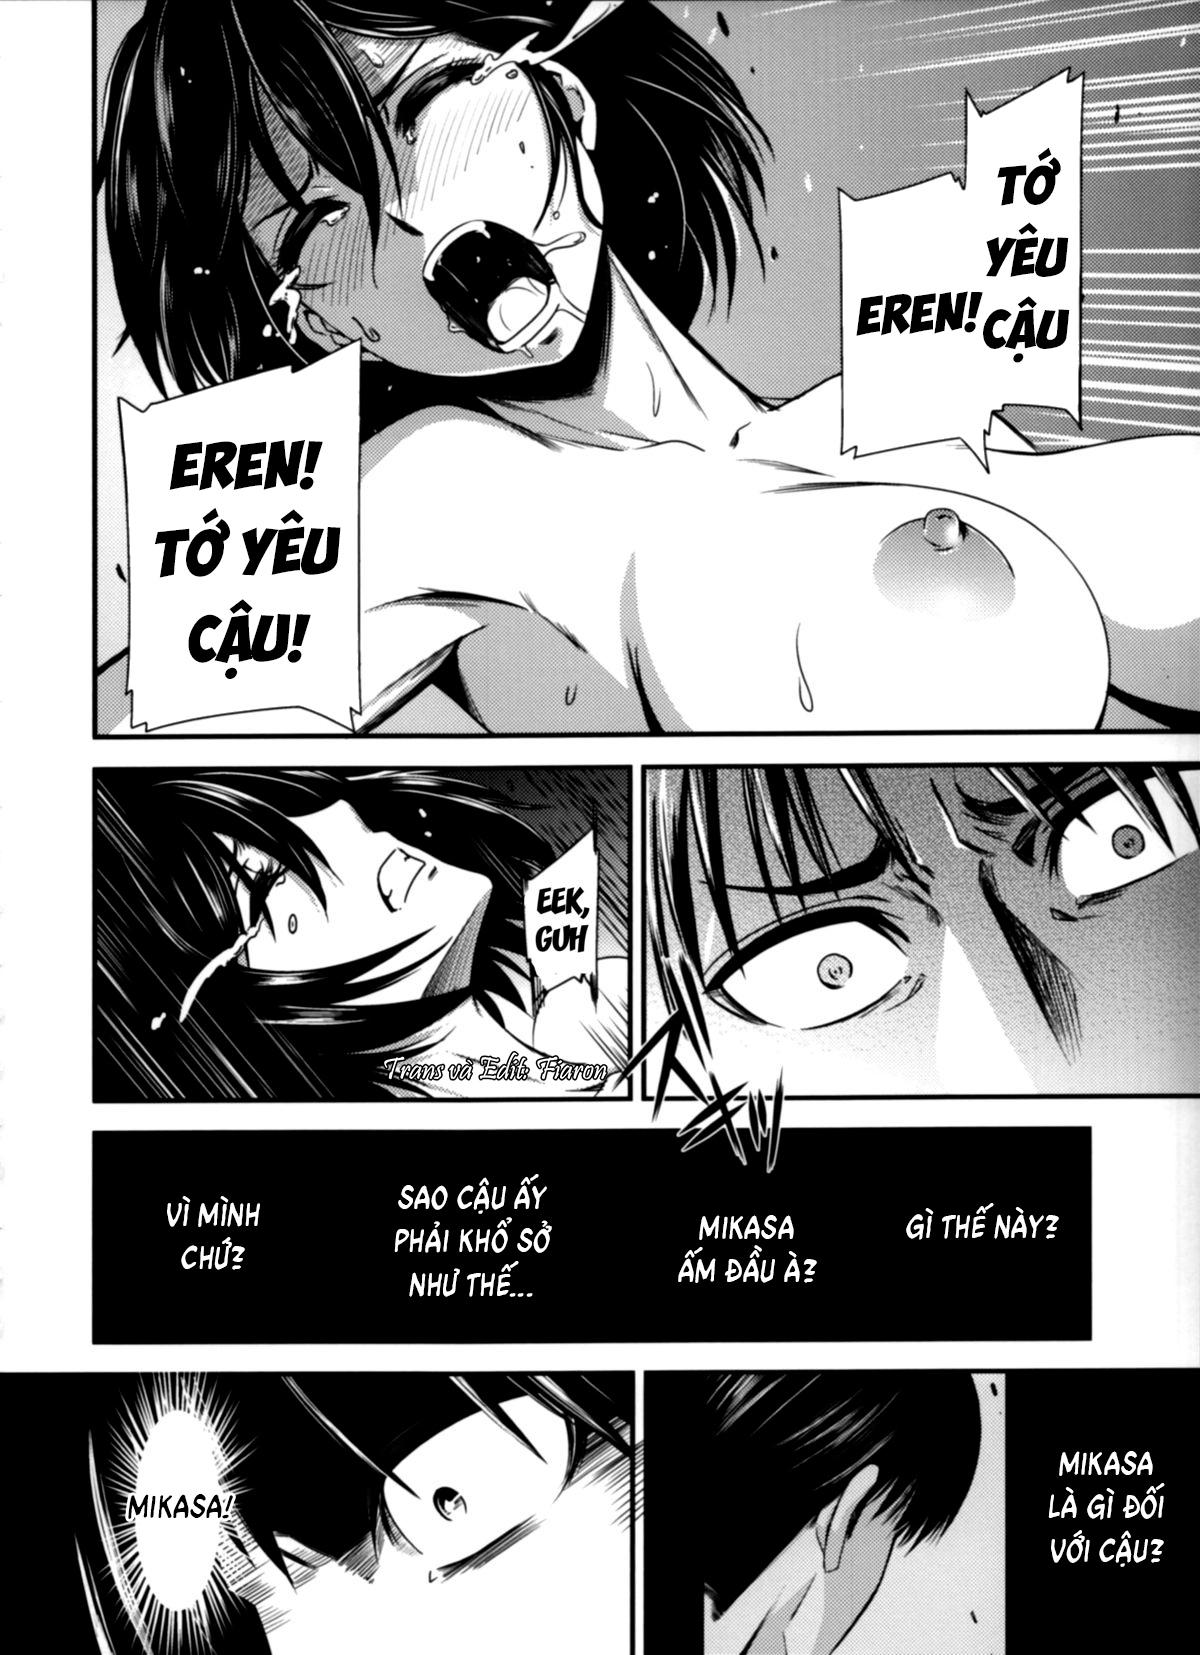 HentaiVN.net - Ảnh 35 - Gekishin (Attack on Titan) - Firing Pin - Gekishin Yon